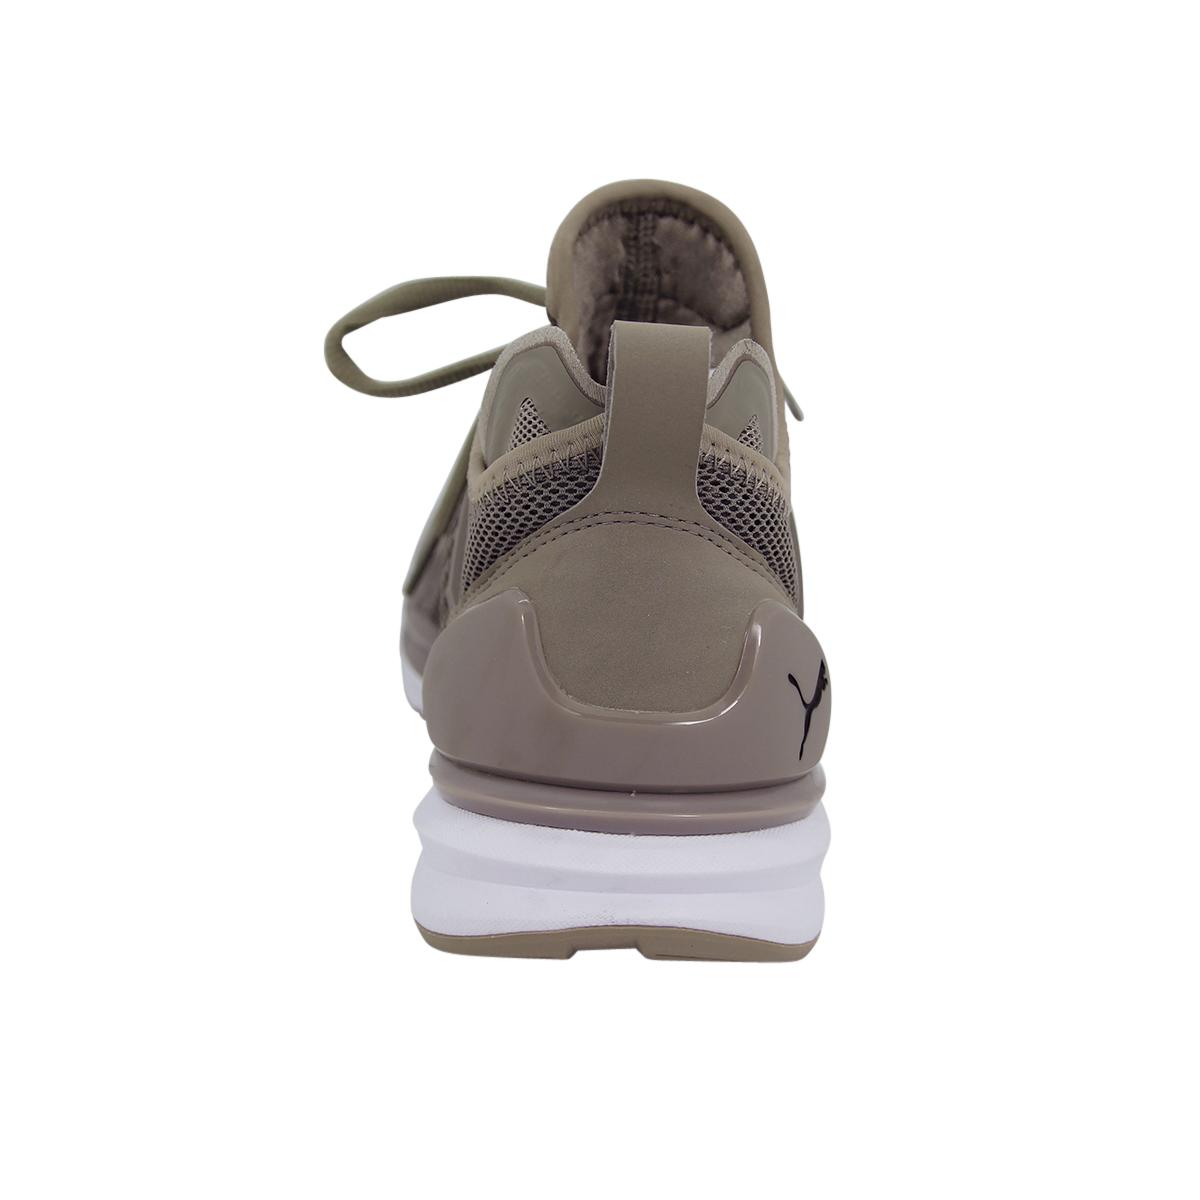 PUMA Ignite Limitless Rock Uomo scarpe da ginnastica Scarpe Nuovo Nuovo Nuovo | Affidabile Reputazione  | Scolaro/Signora Scarpa  047485